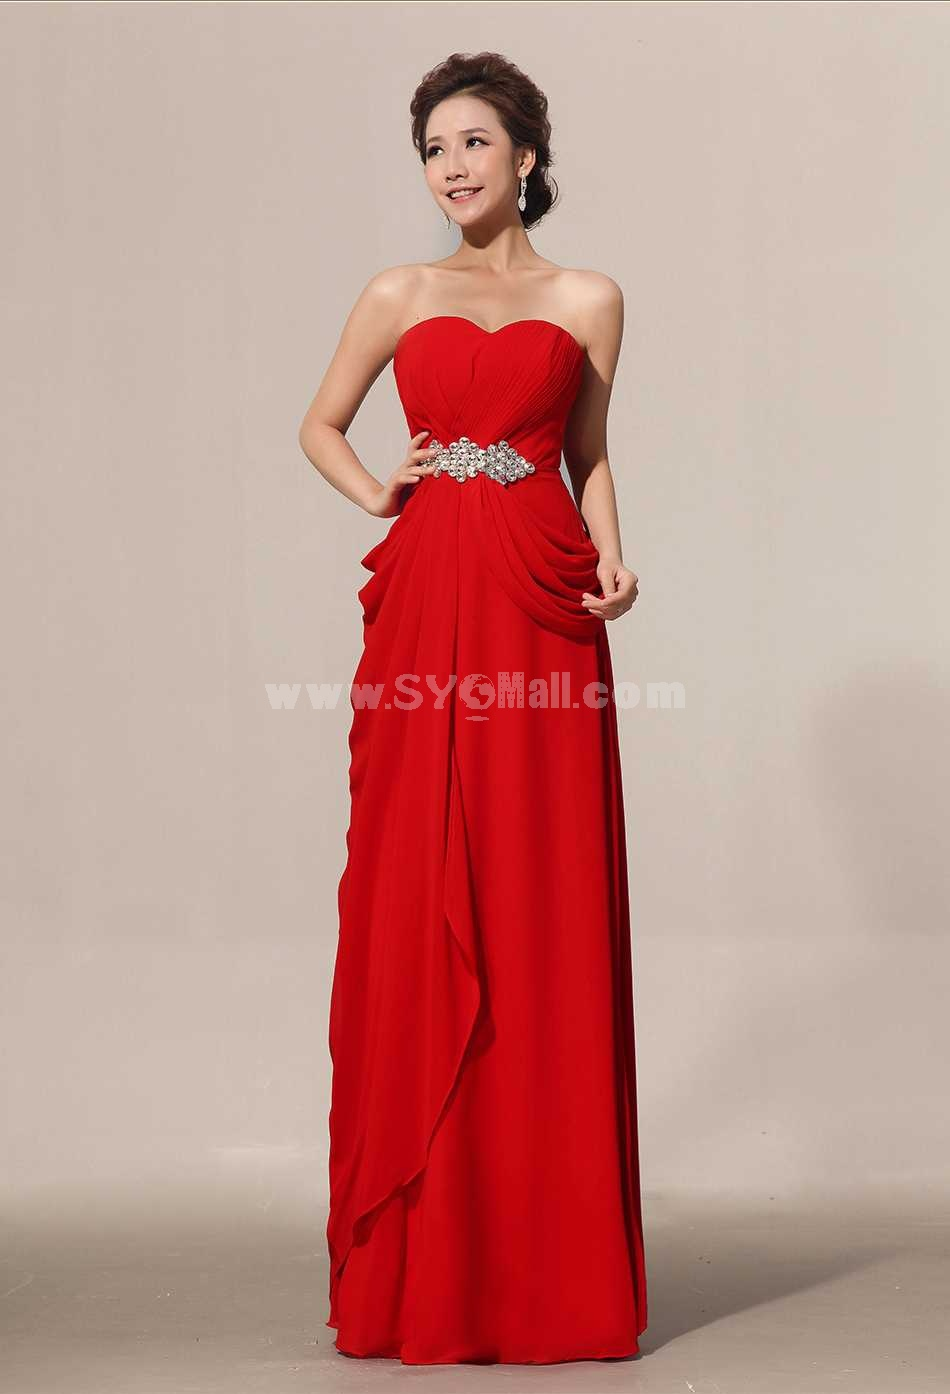 Strapless Floor-length Chiffon Zipper Wedding Dress